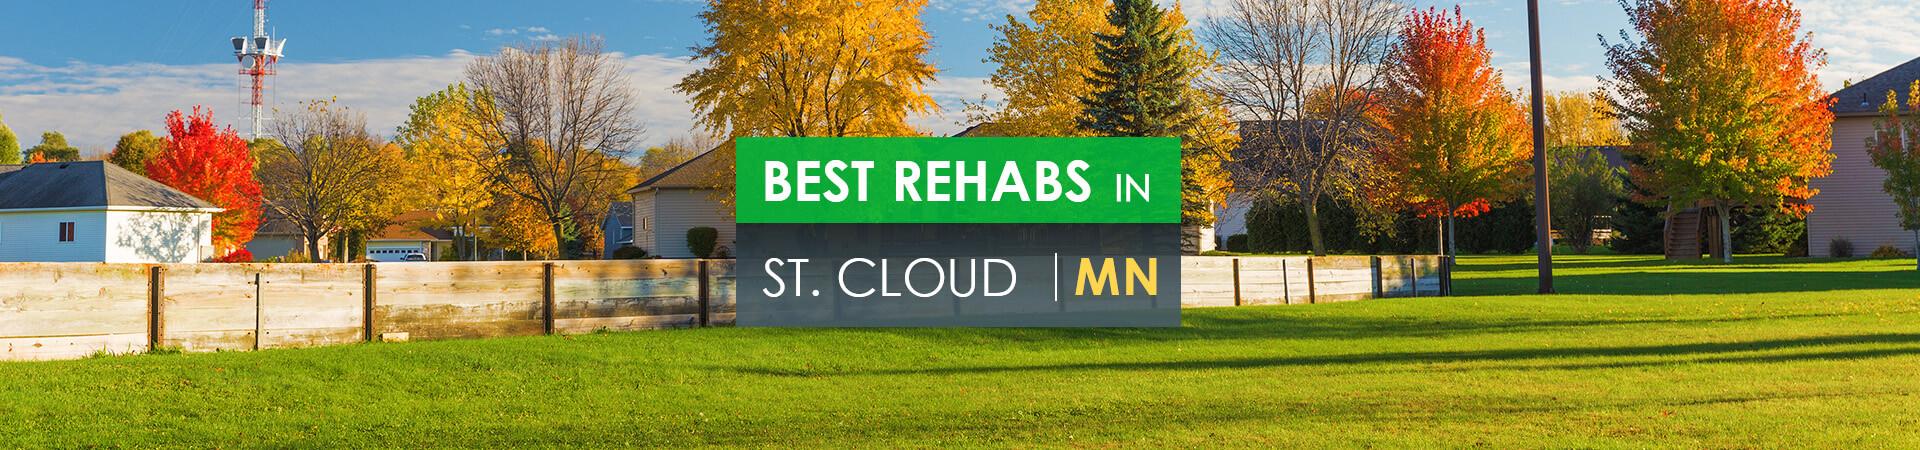 Best rehabs in St. Cloud, MN